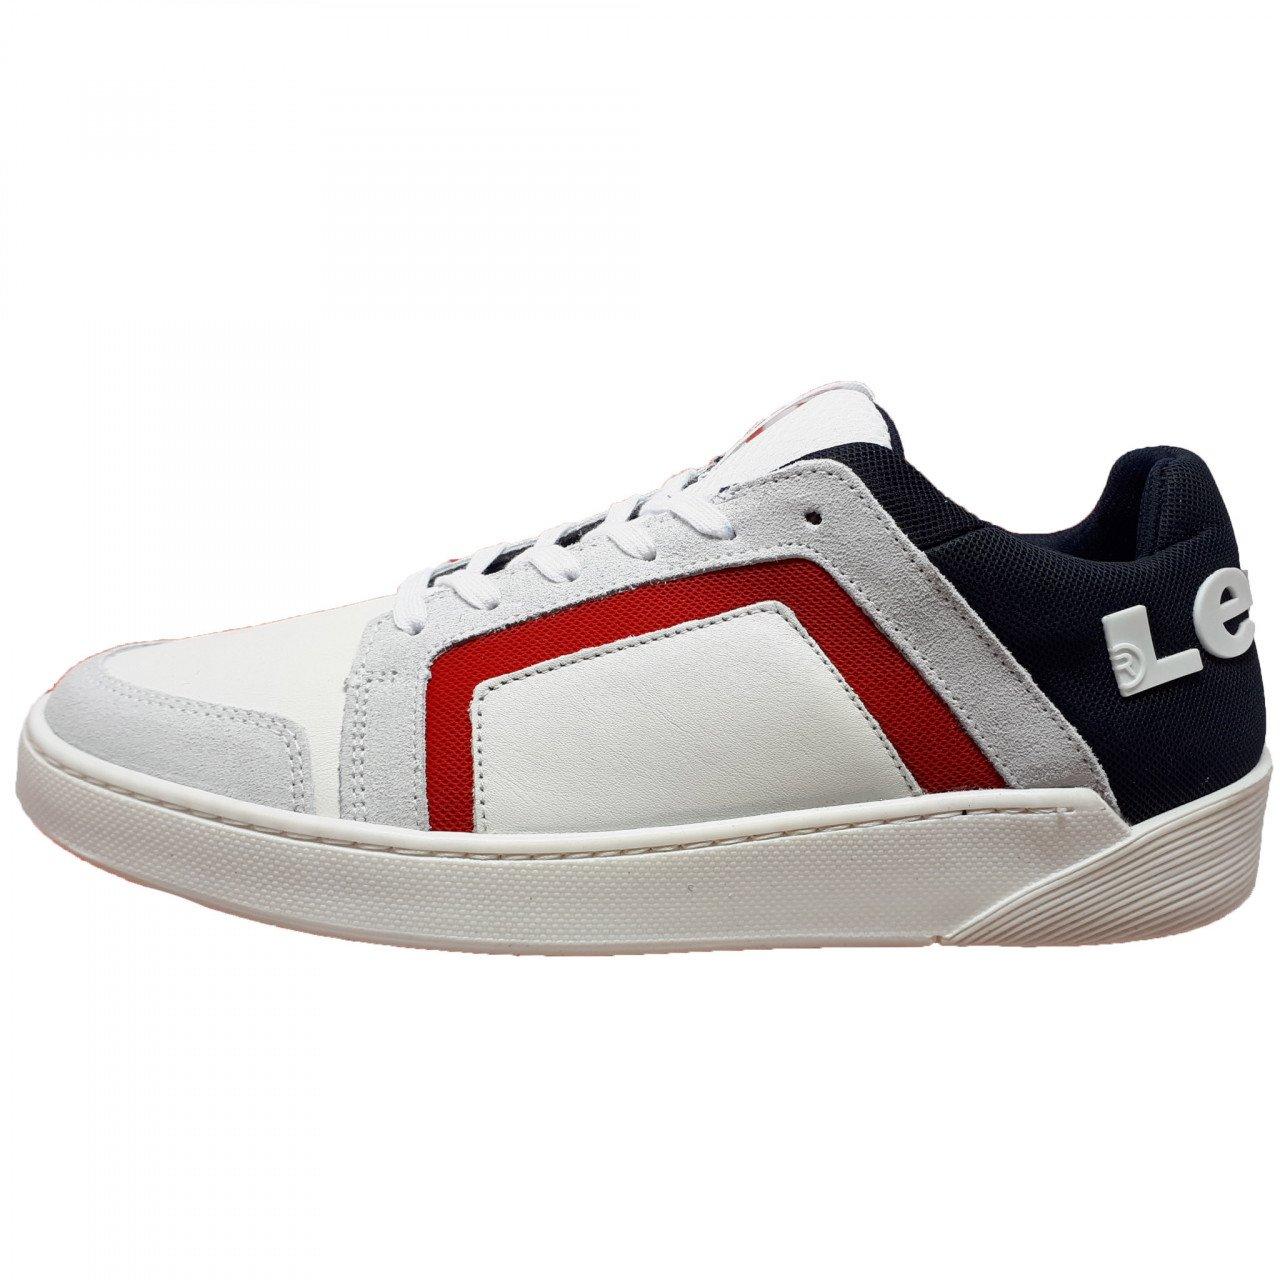 Tenis blanco de hombre Levis 210471